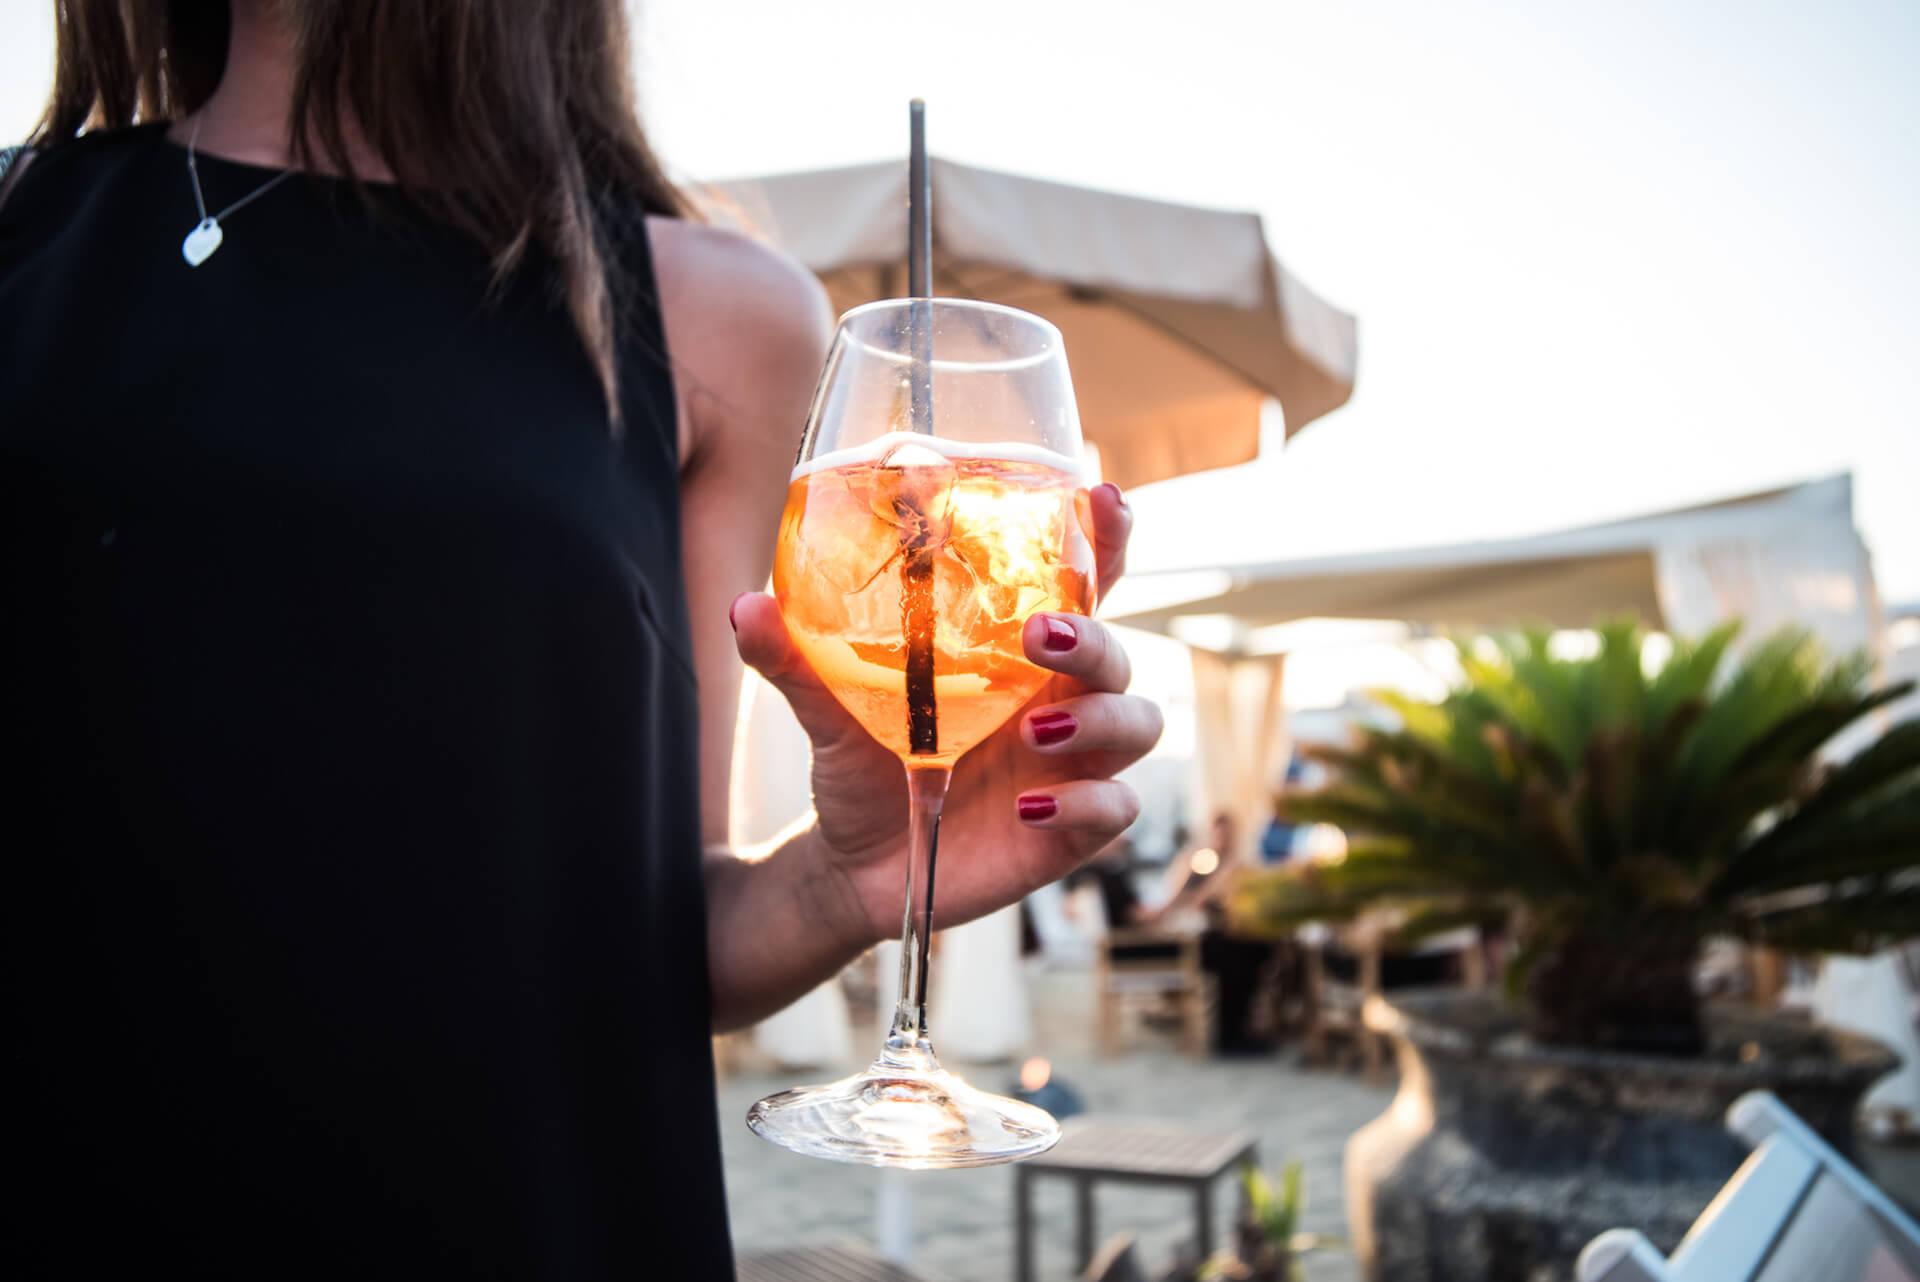 Ristorante Bagno Italia Marina Di Pisa : Bagno italia ristorante il tuo angolo di paradiso a marina di pisa